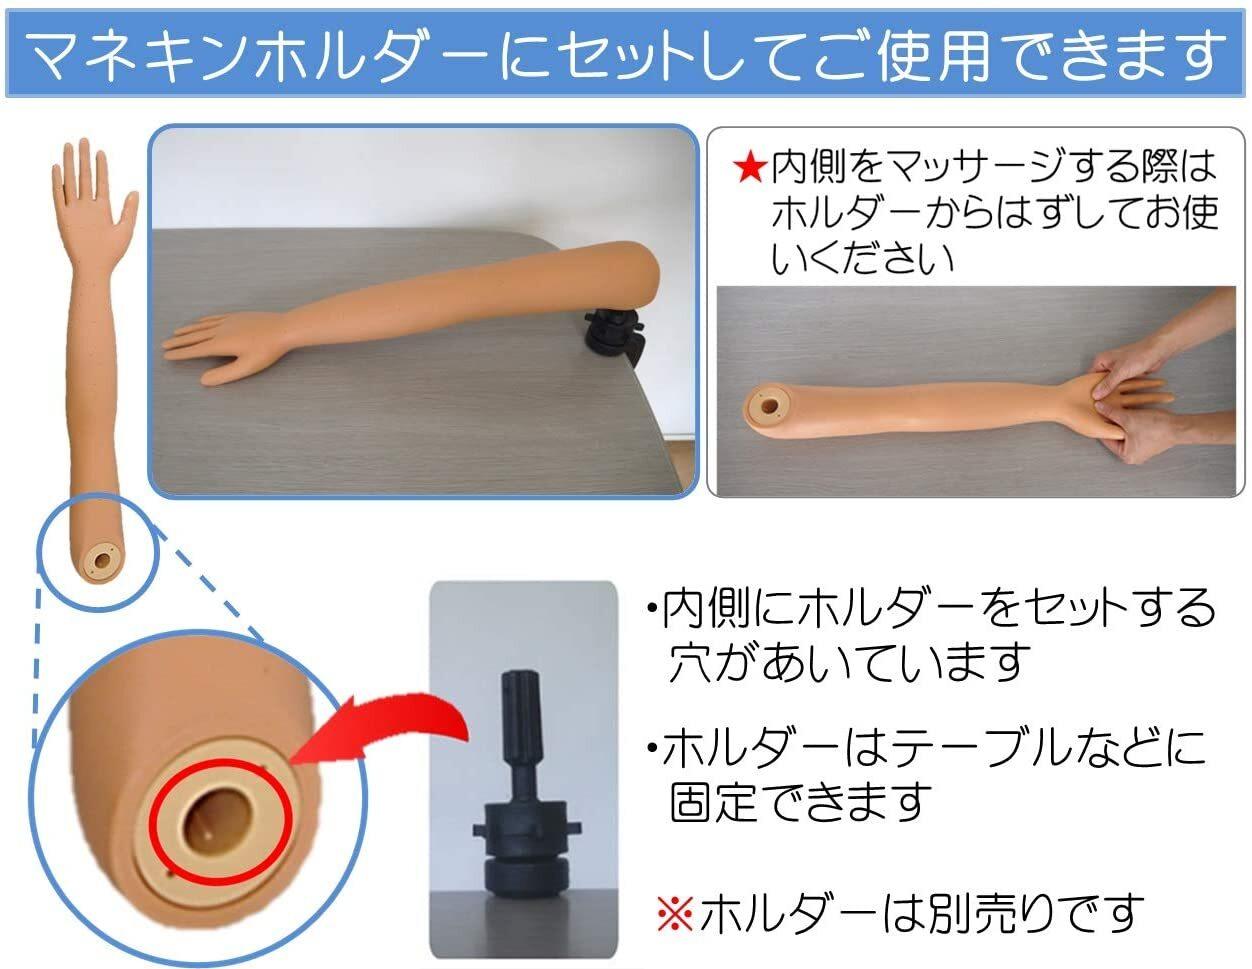 練習用アームマネキン(両腕)セット